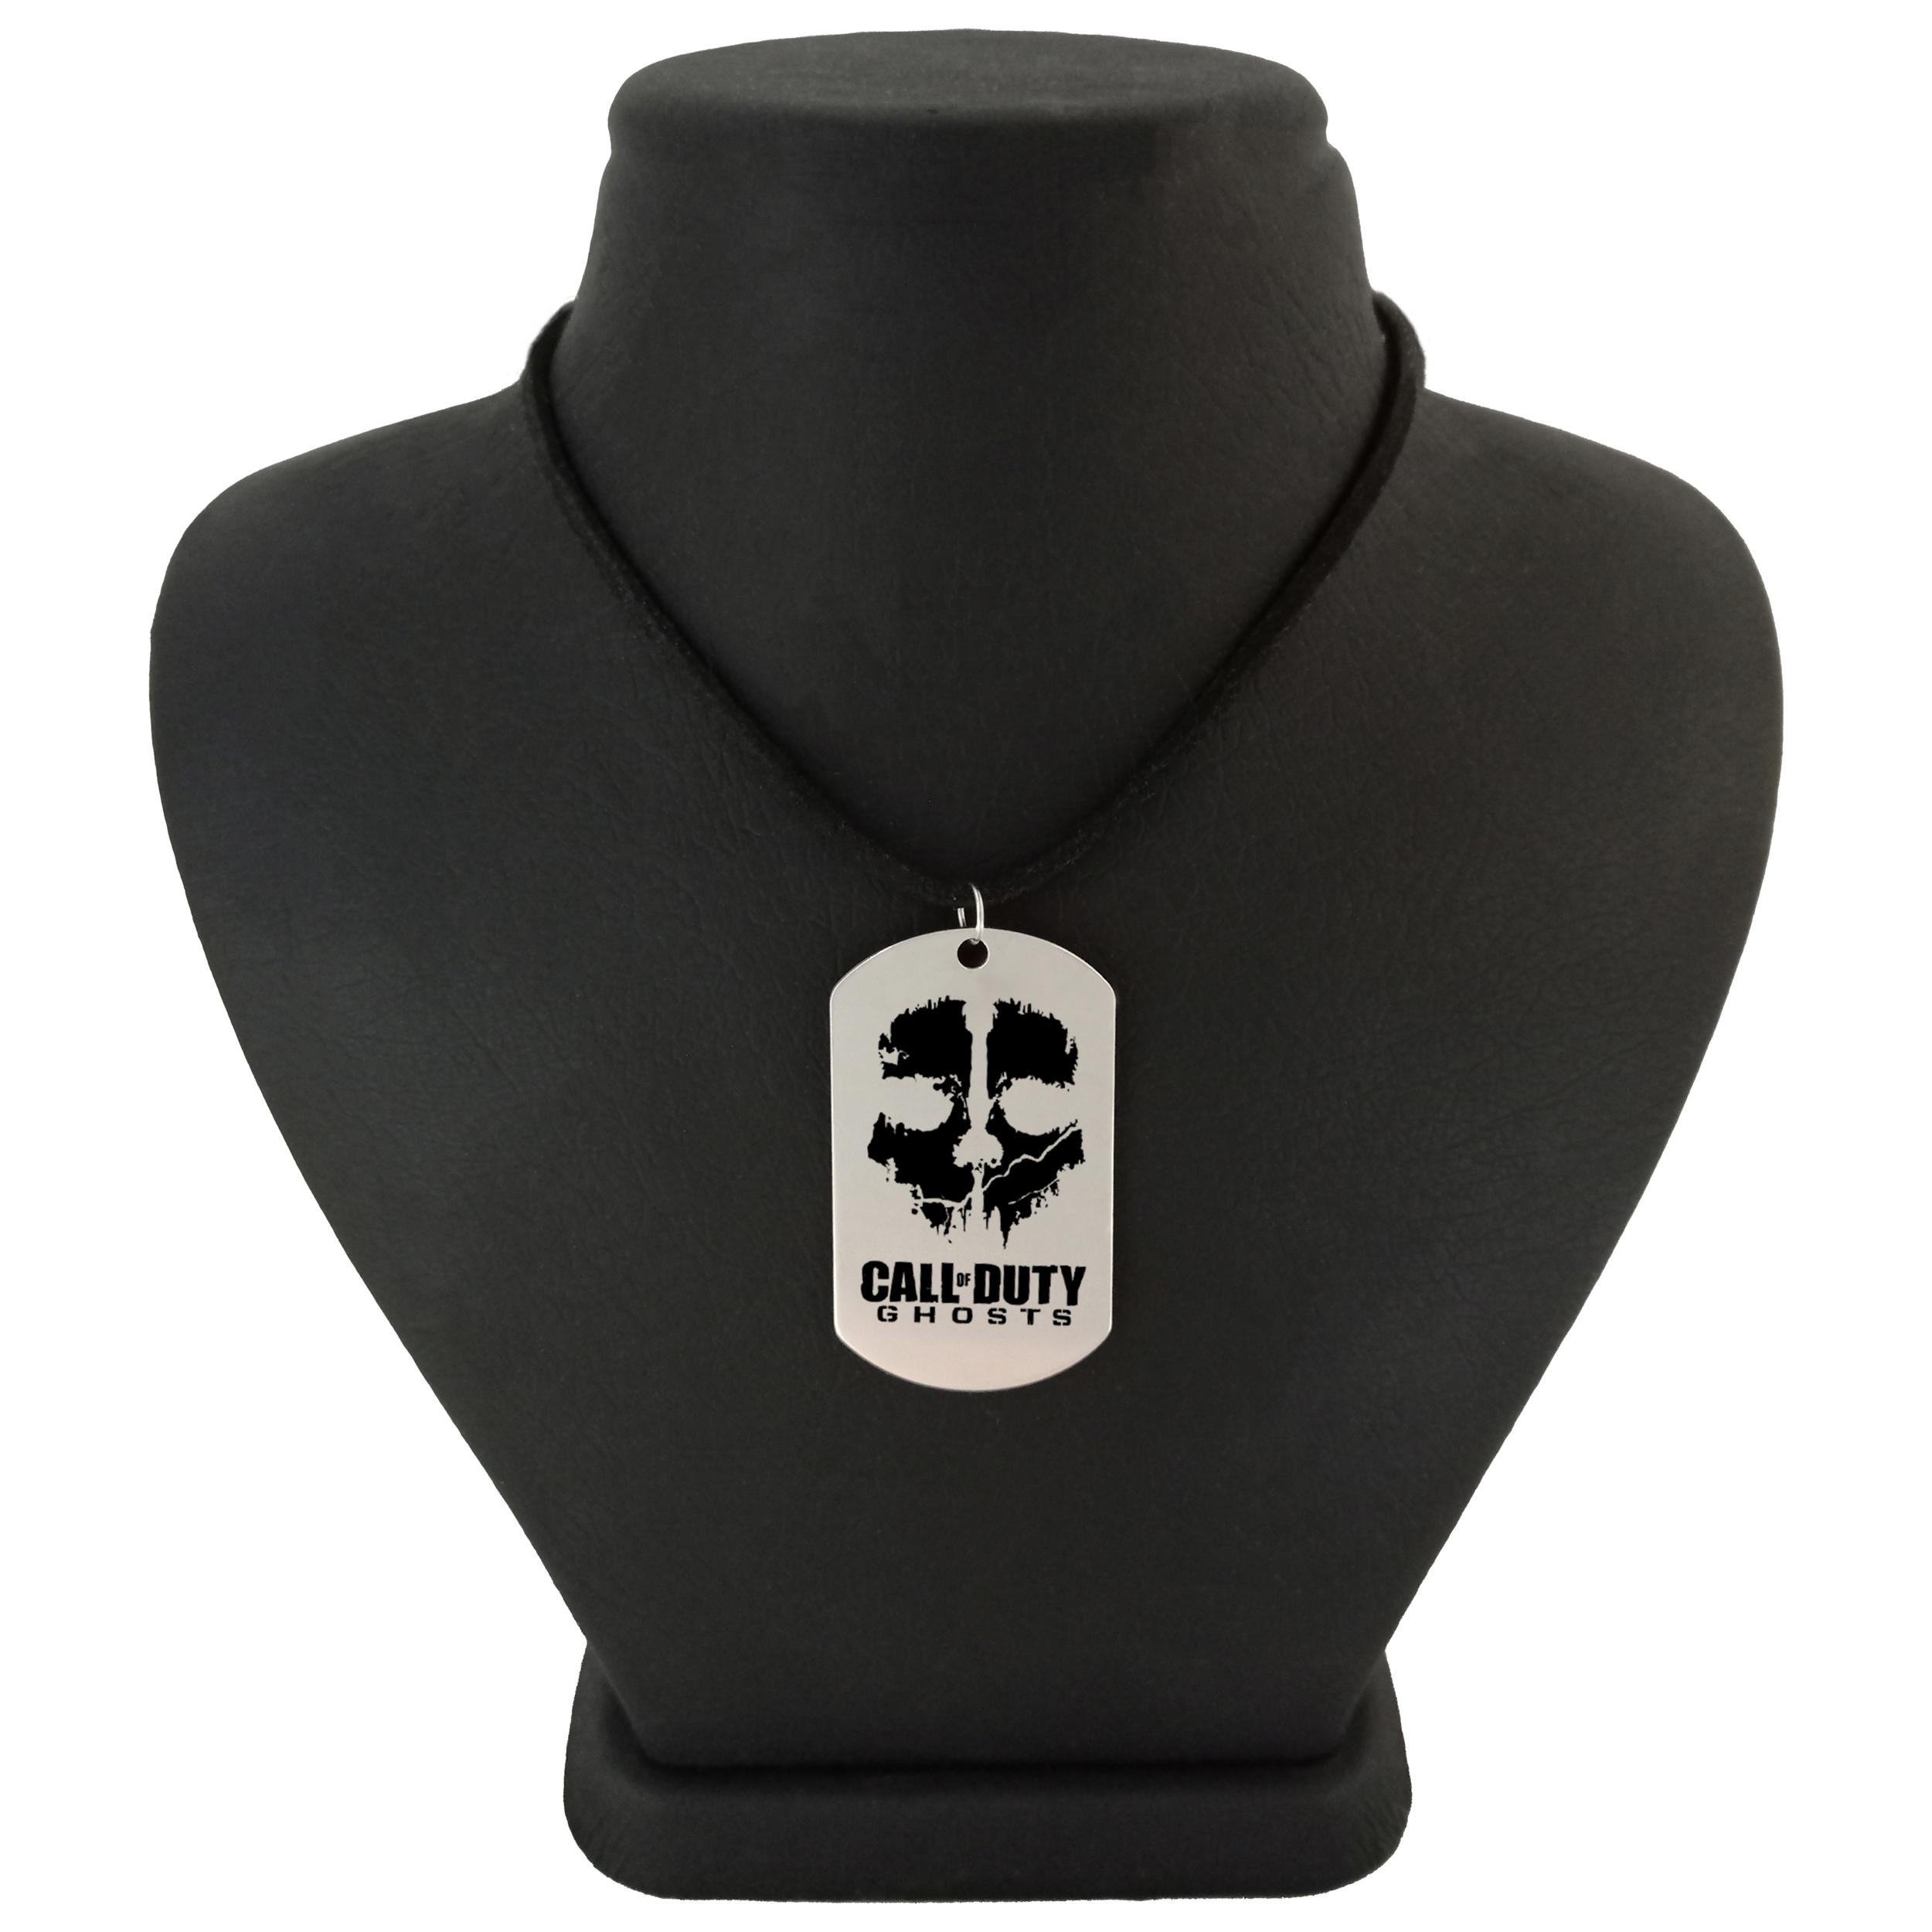 گردنبند مردانه ترمه ۱ مدل بازی کال آف دیوتی کد Sam 436